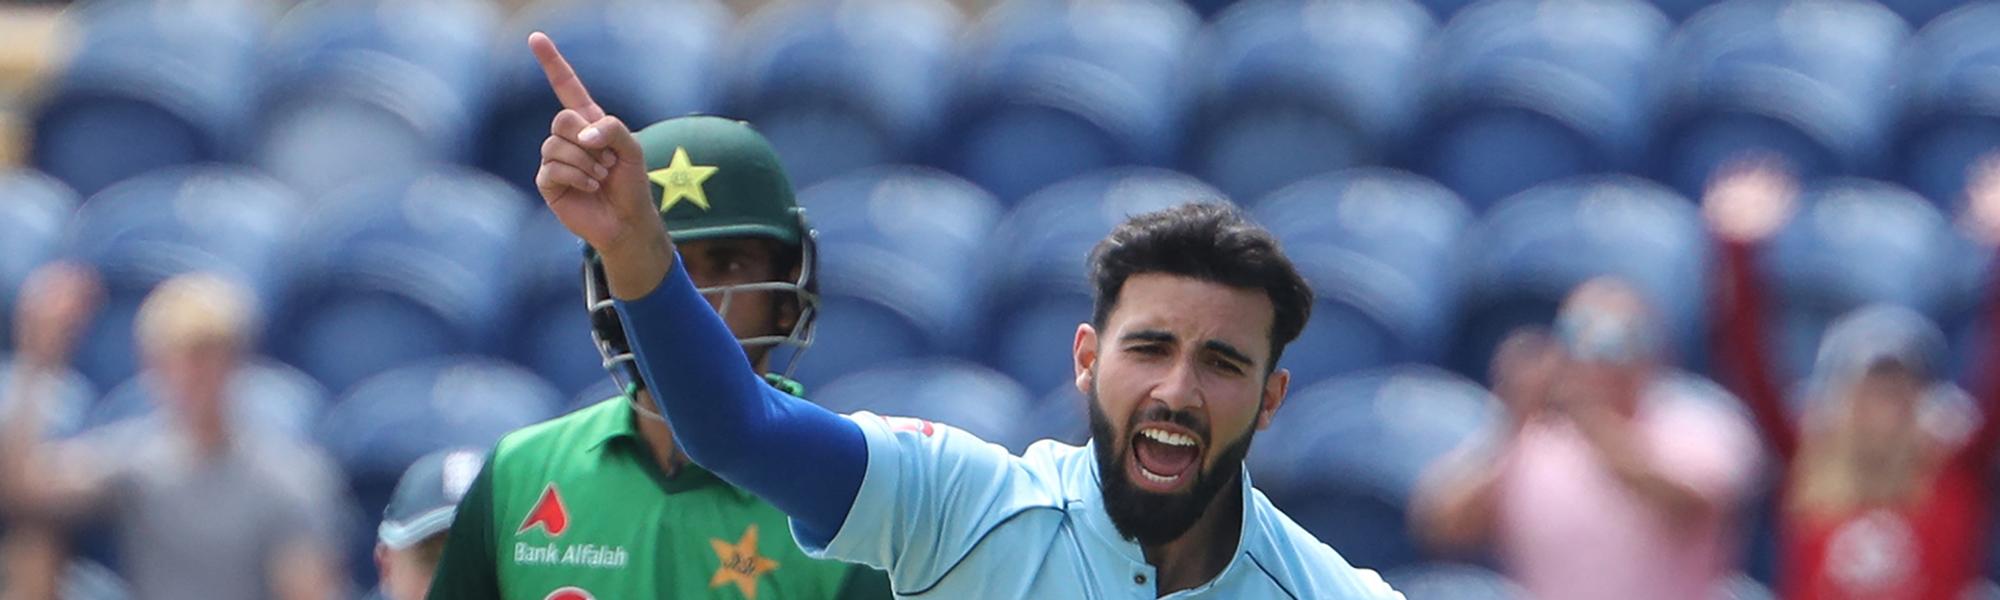 Mahmood starred in the first ODI